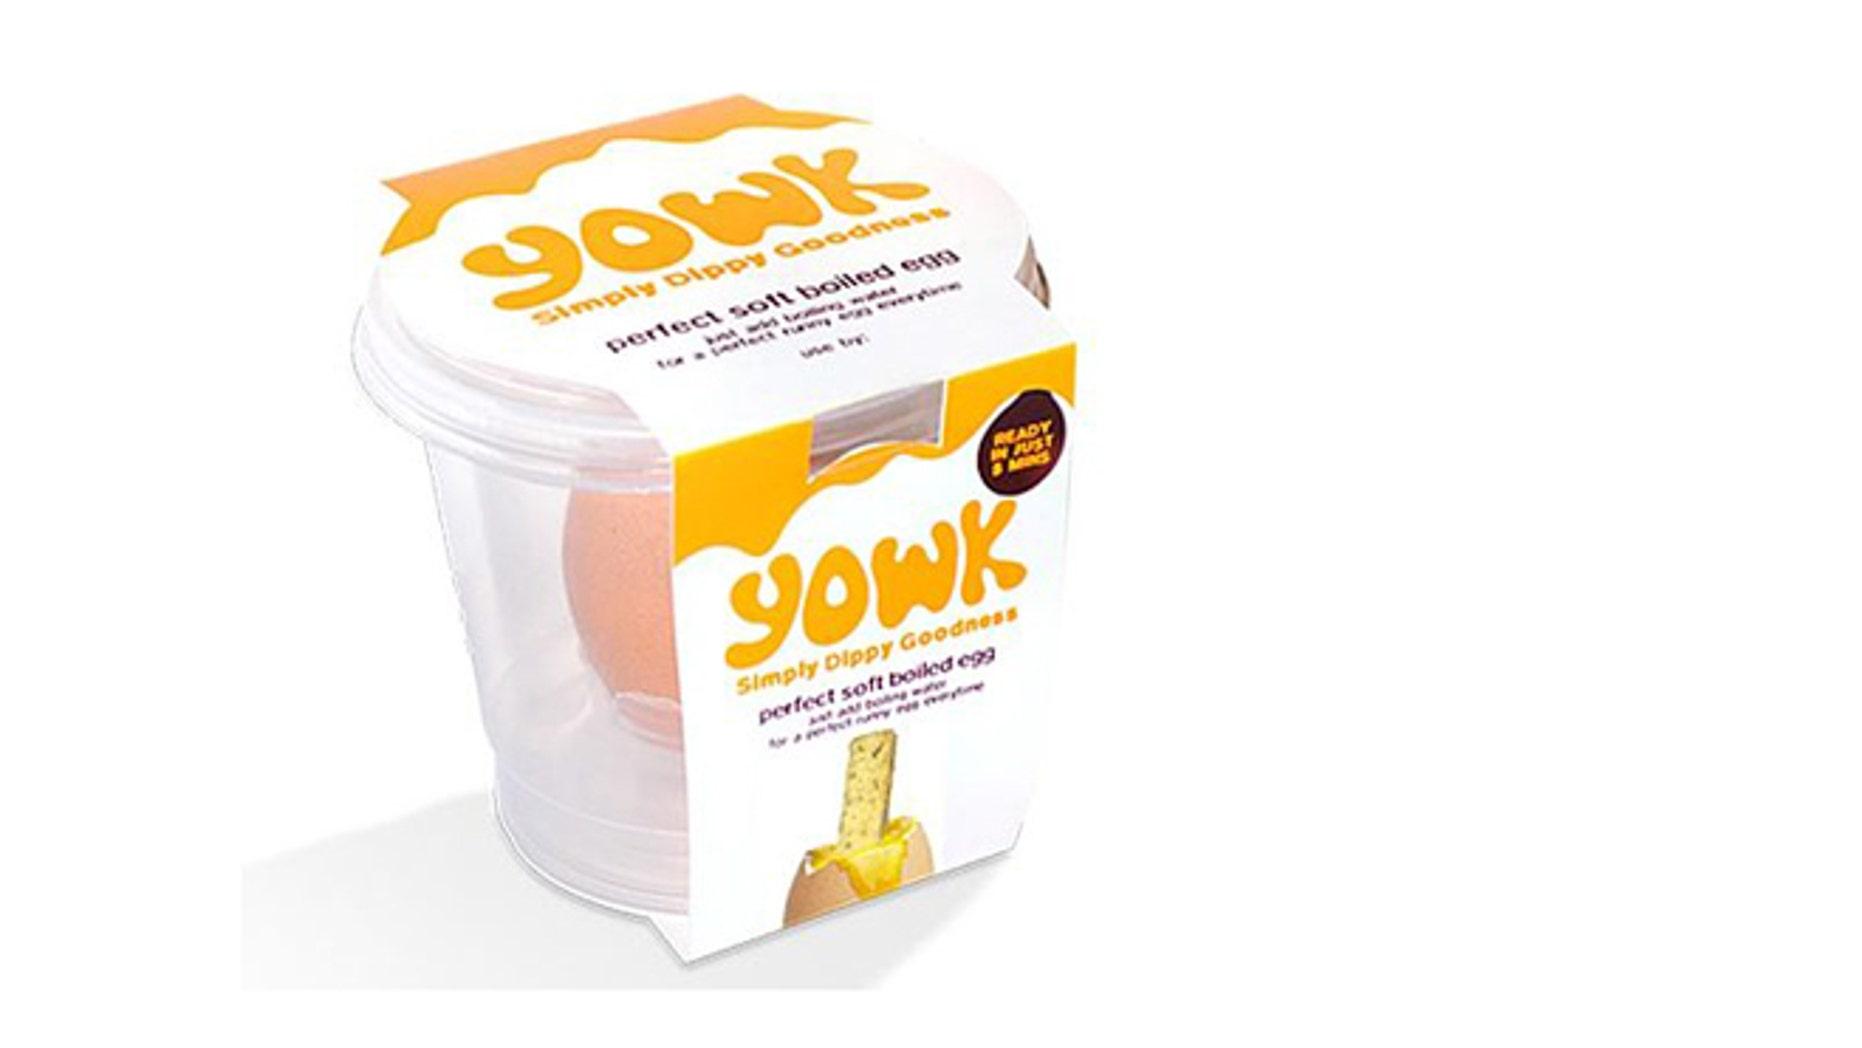 A portable, pre-cooked egg.